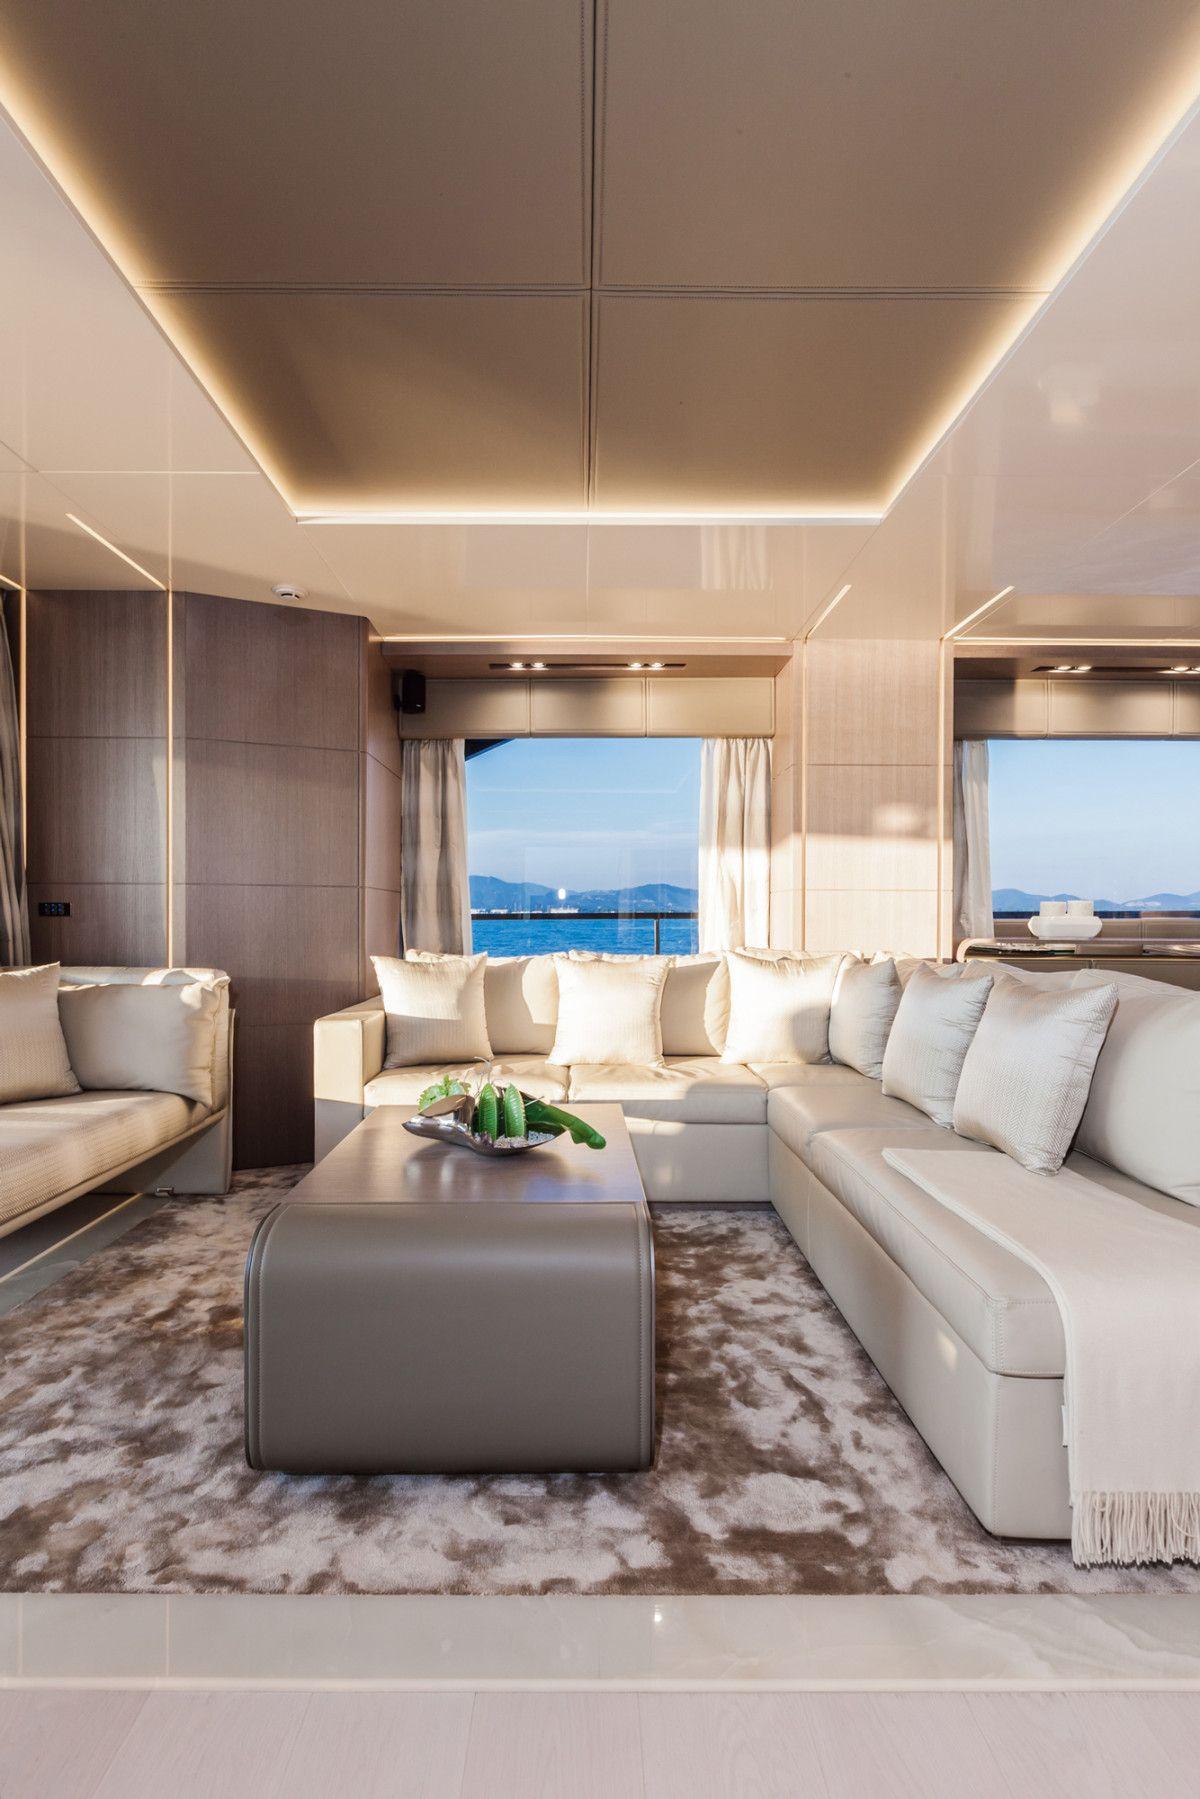 Dreamline 26 – main salon DL Yachts Dreamline